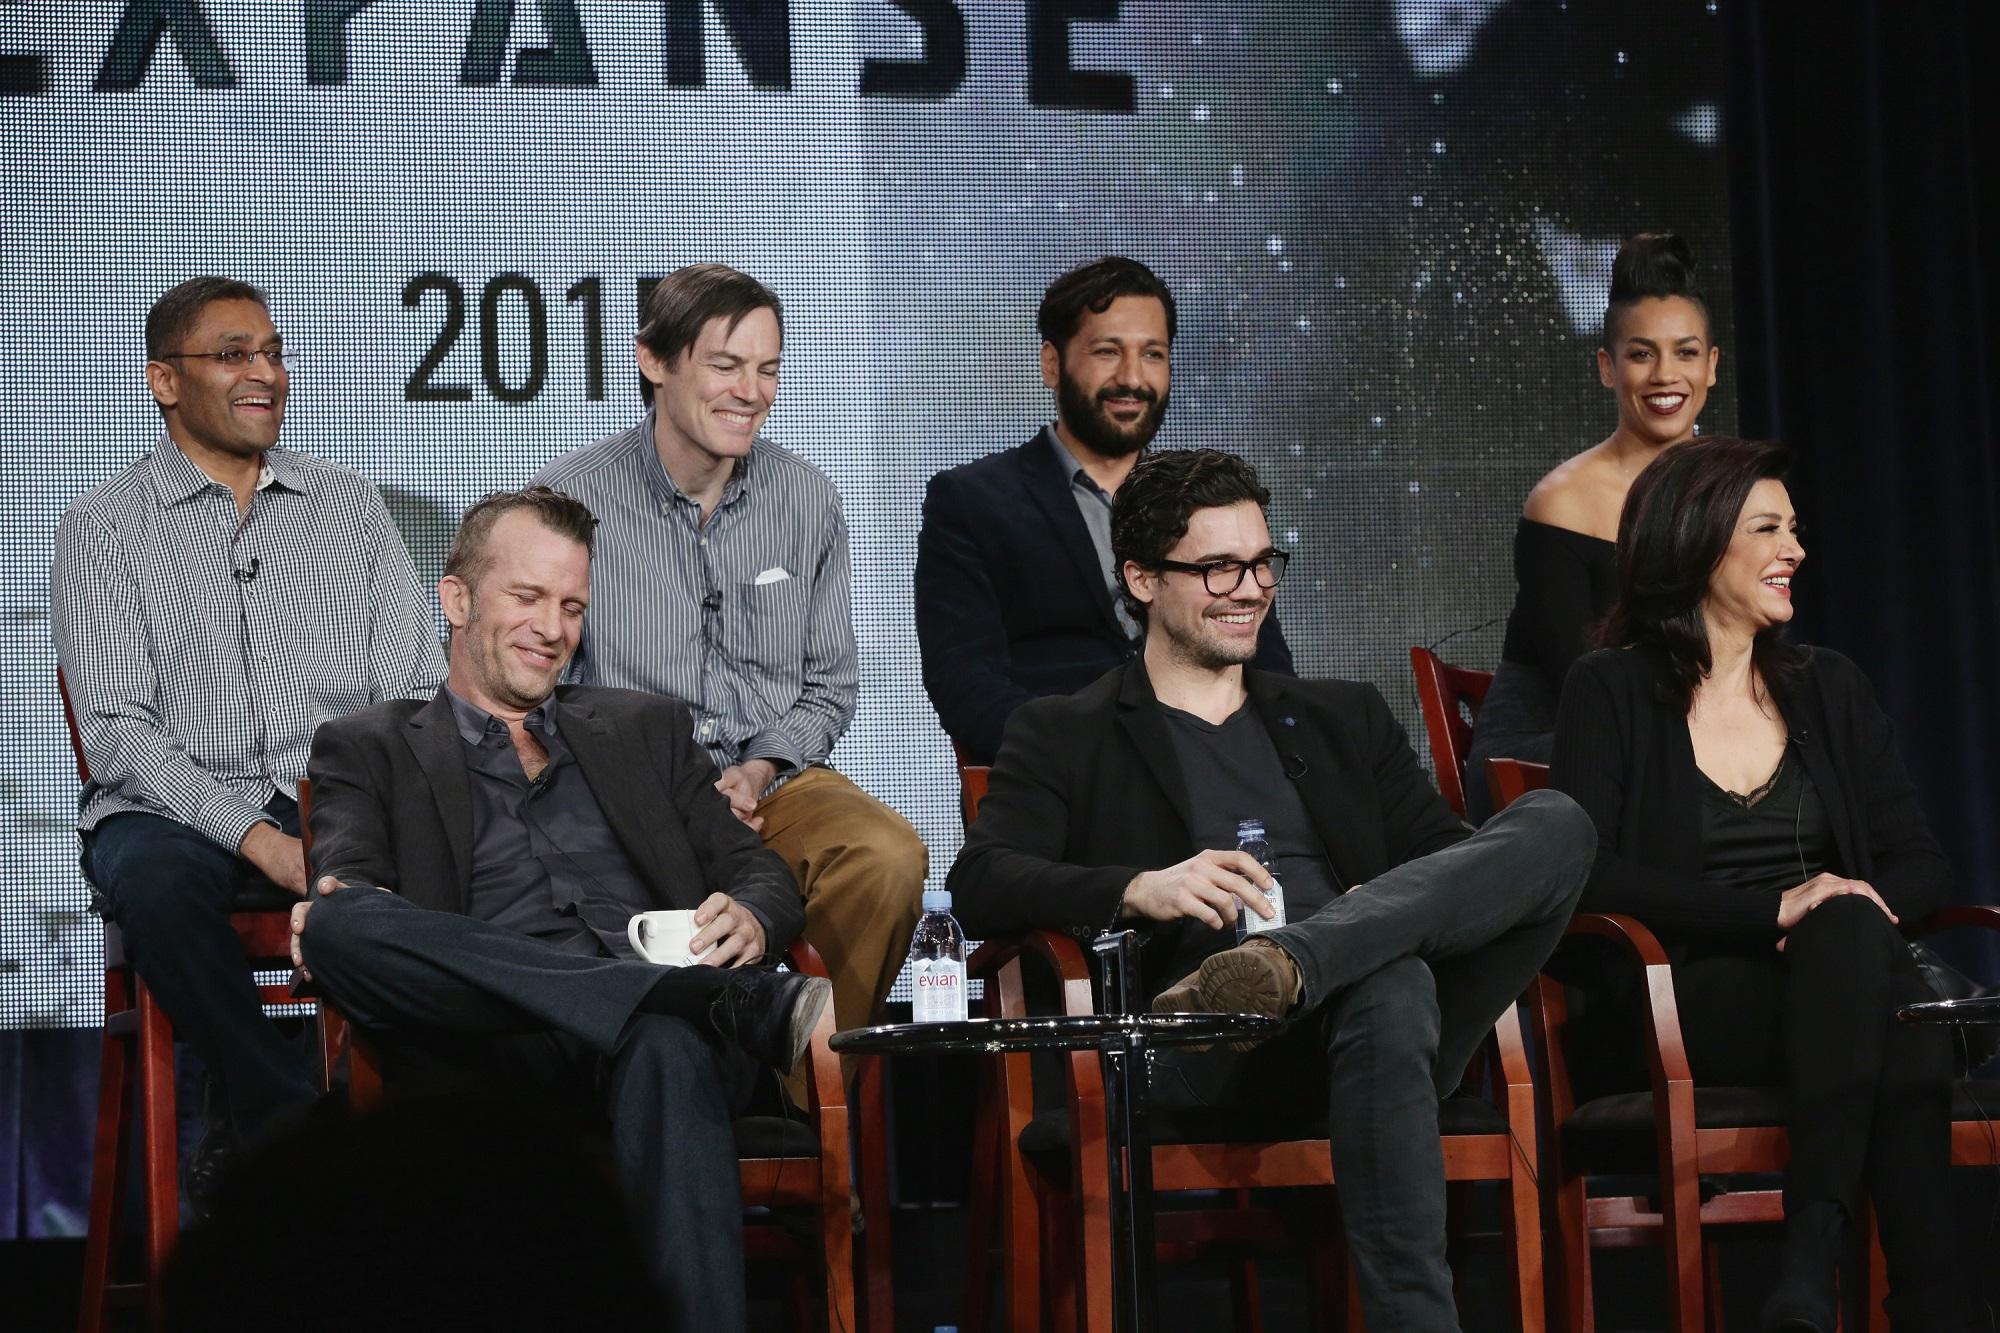 Naren Shankar, Mark Fergus, Cas Anvar, Dominique Tipper. Thomas Jane, Steven Strait, and Shohreh Aghdashloo of The Expanse